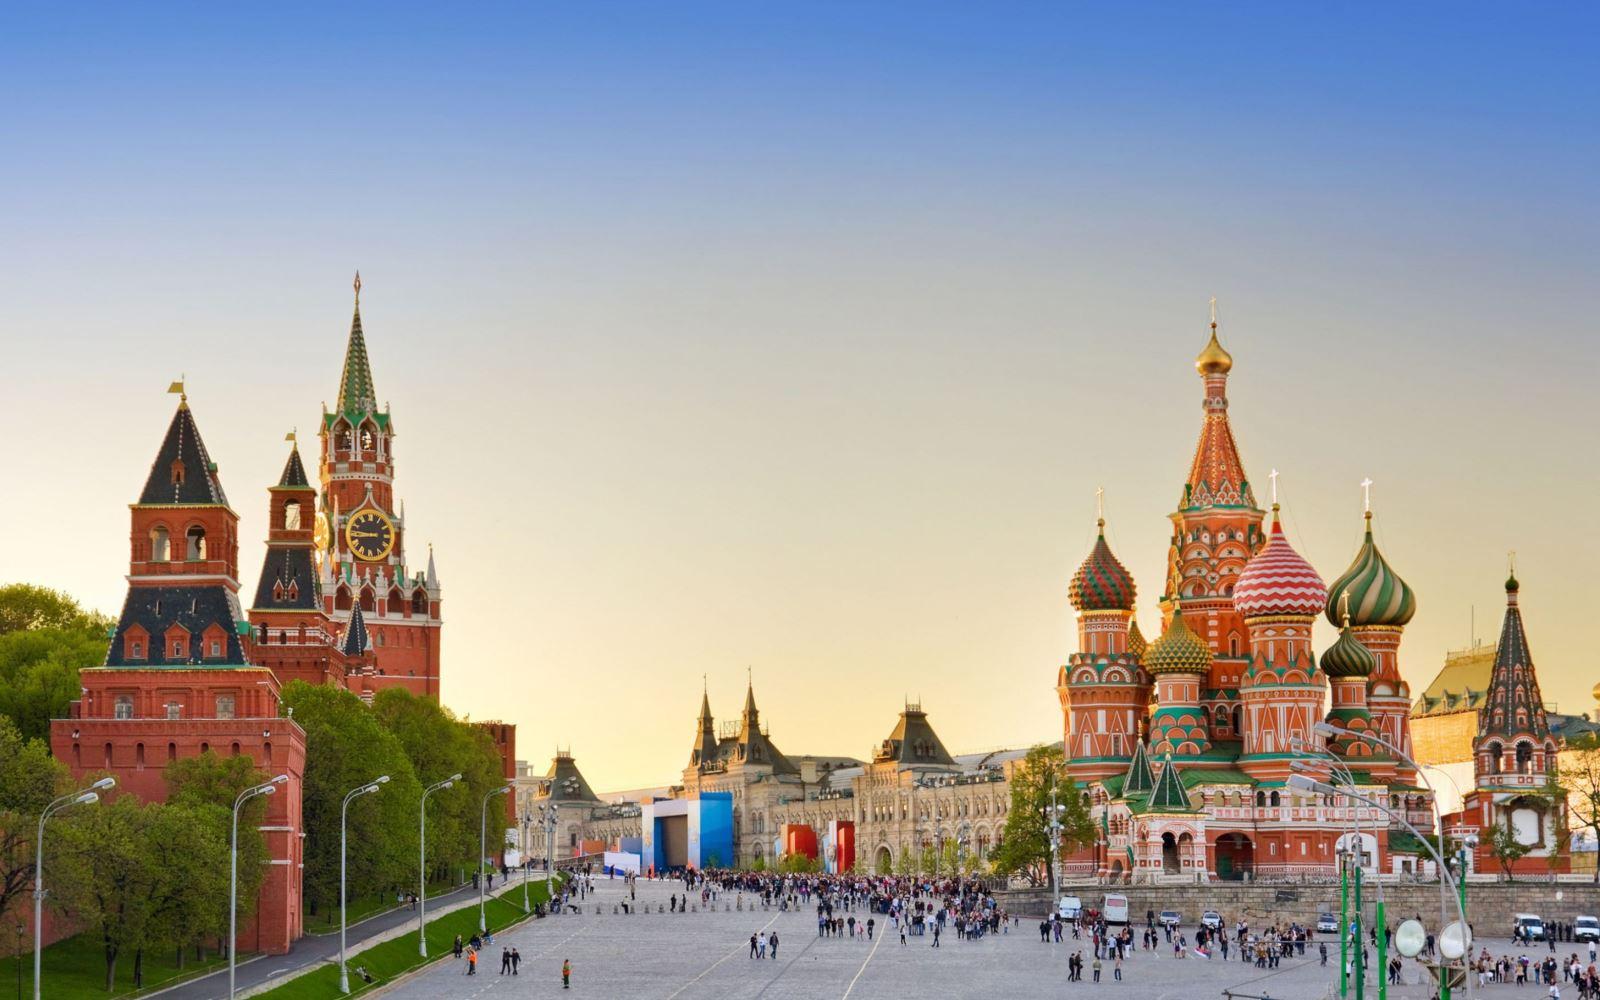 بورسیه تحصیلی دولت روسیه برای دانشجویان بین المللی در سال ۲۰۱۹-۲۰۱۸